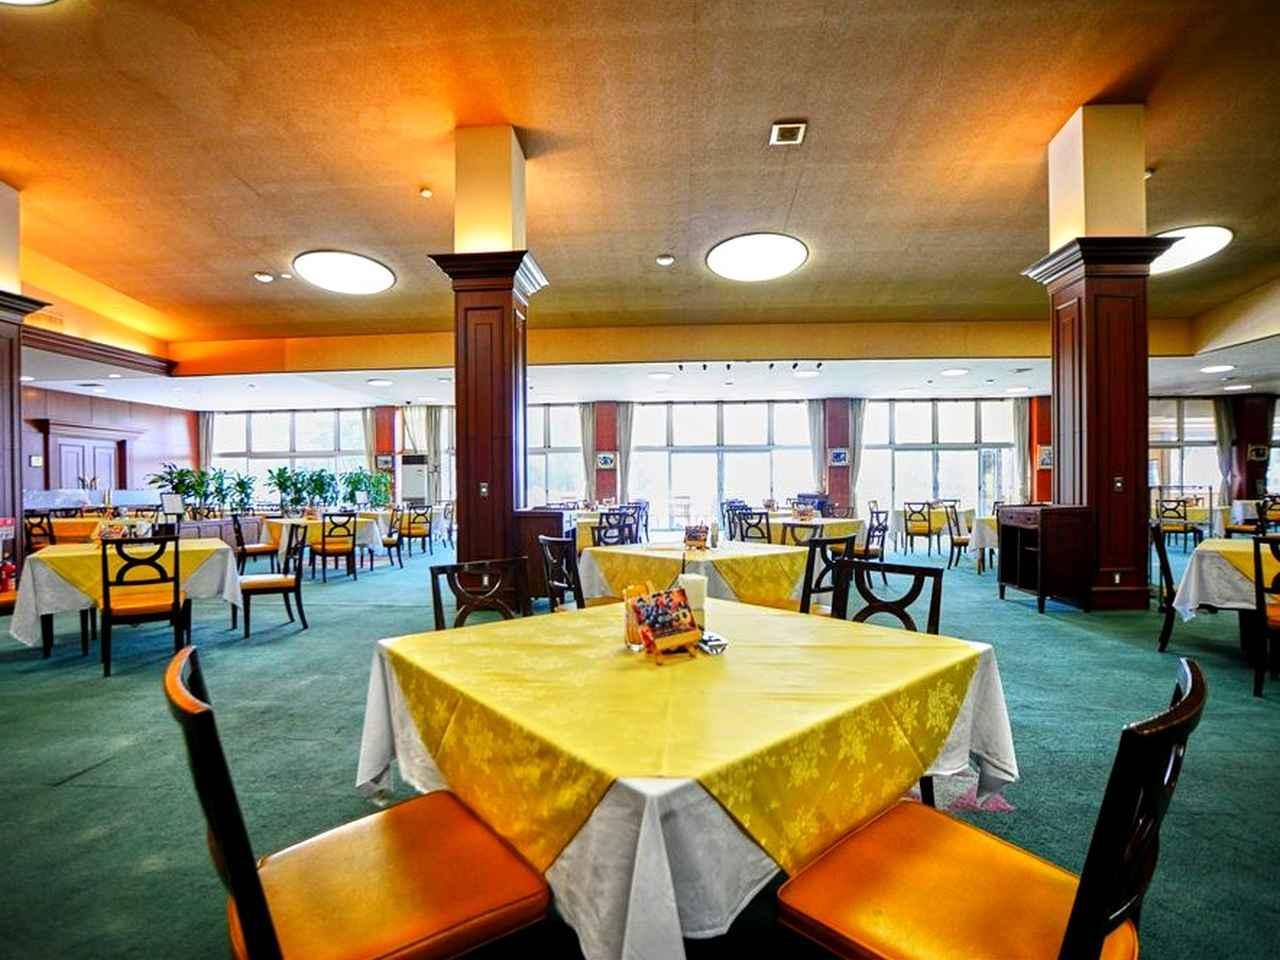 画像: クラブハウス2階のレストラン。窓からはロイヤルコースが眺められる